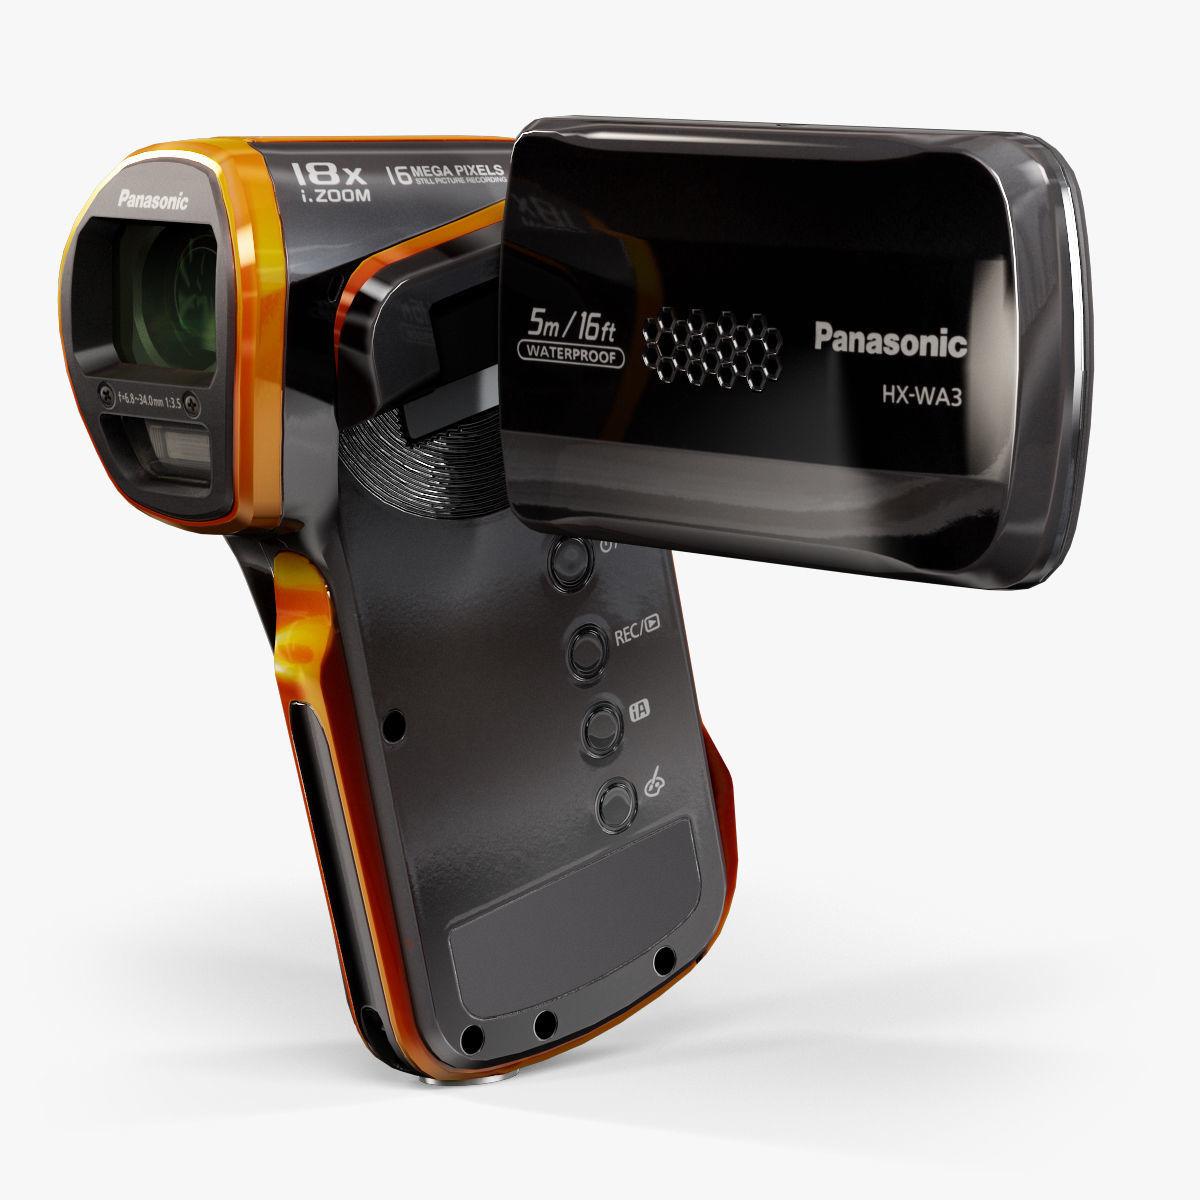 Panasonic HX-WA3 pocket camcorder